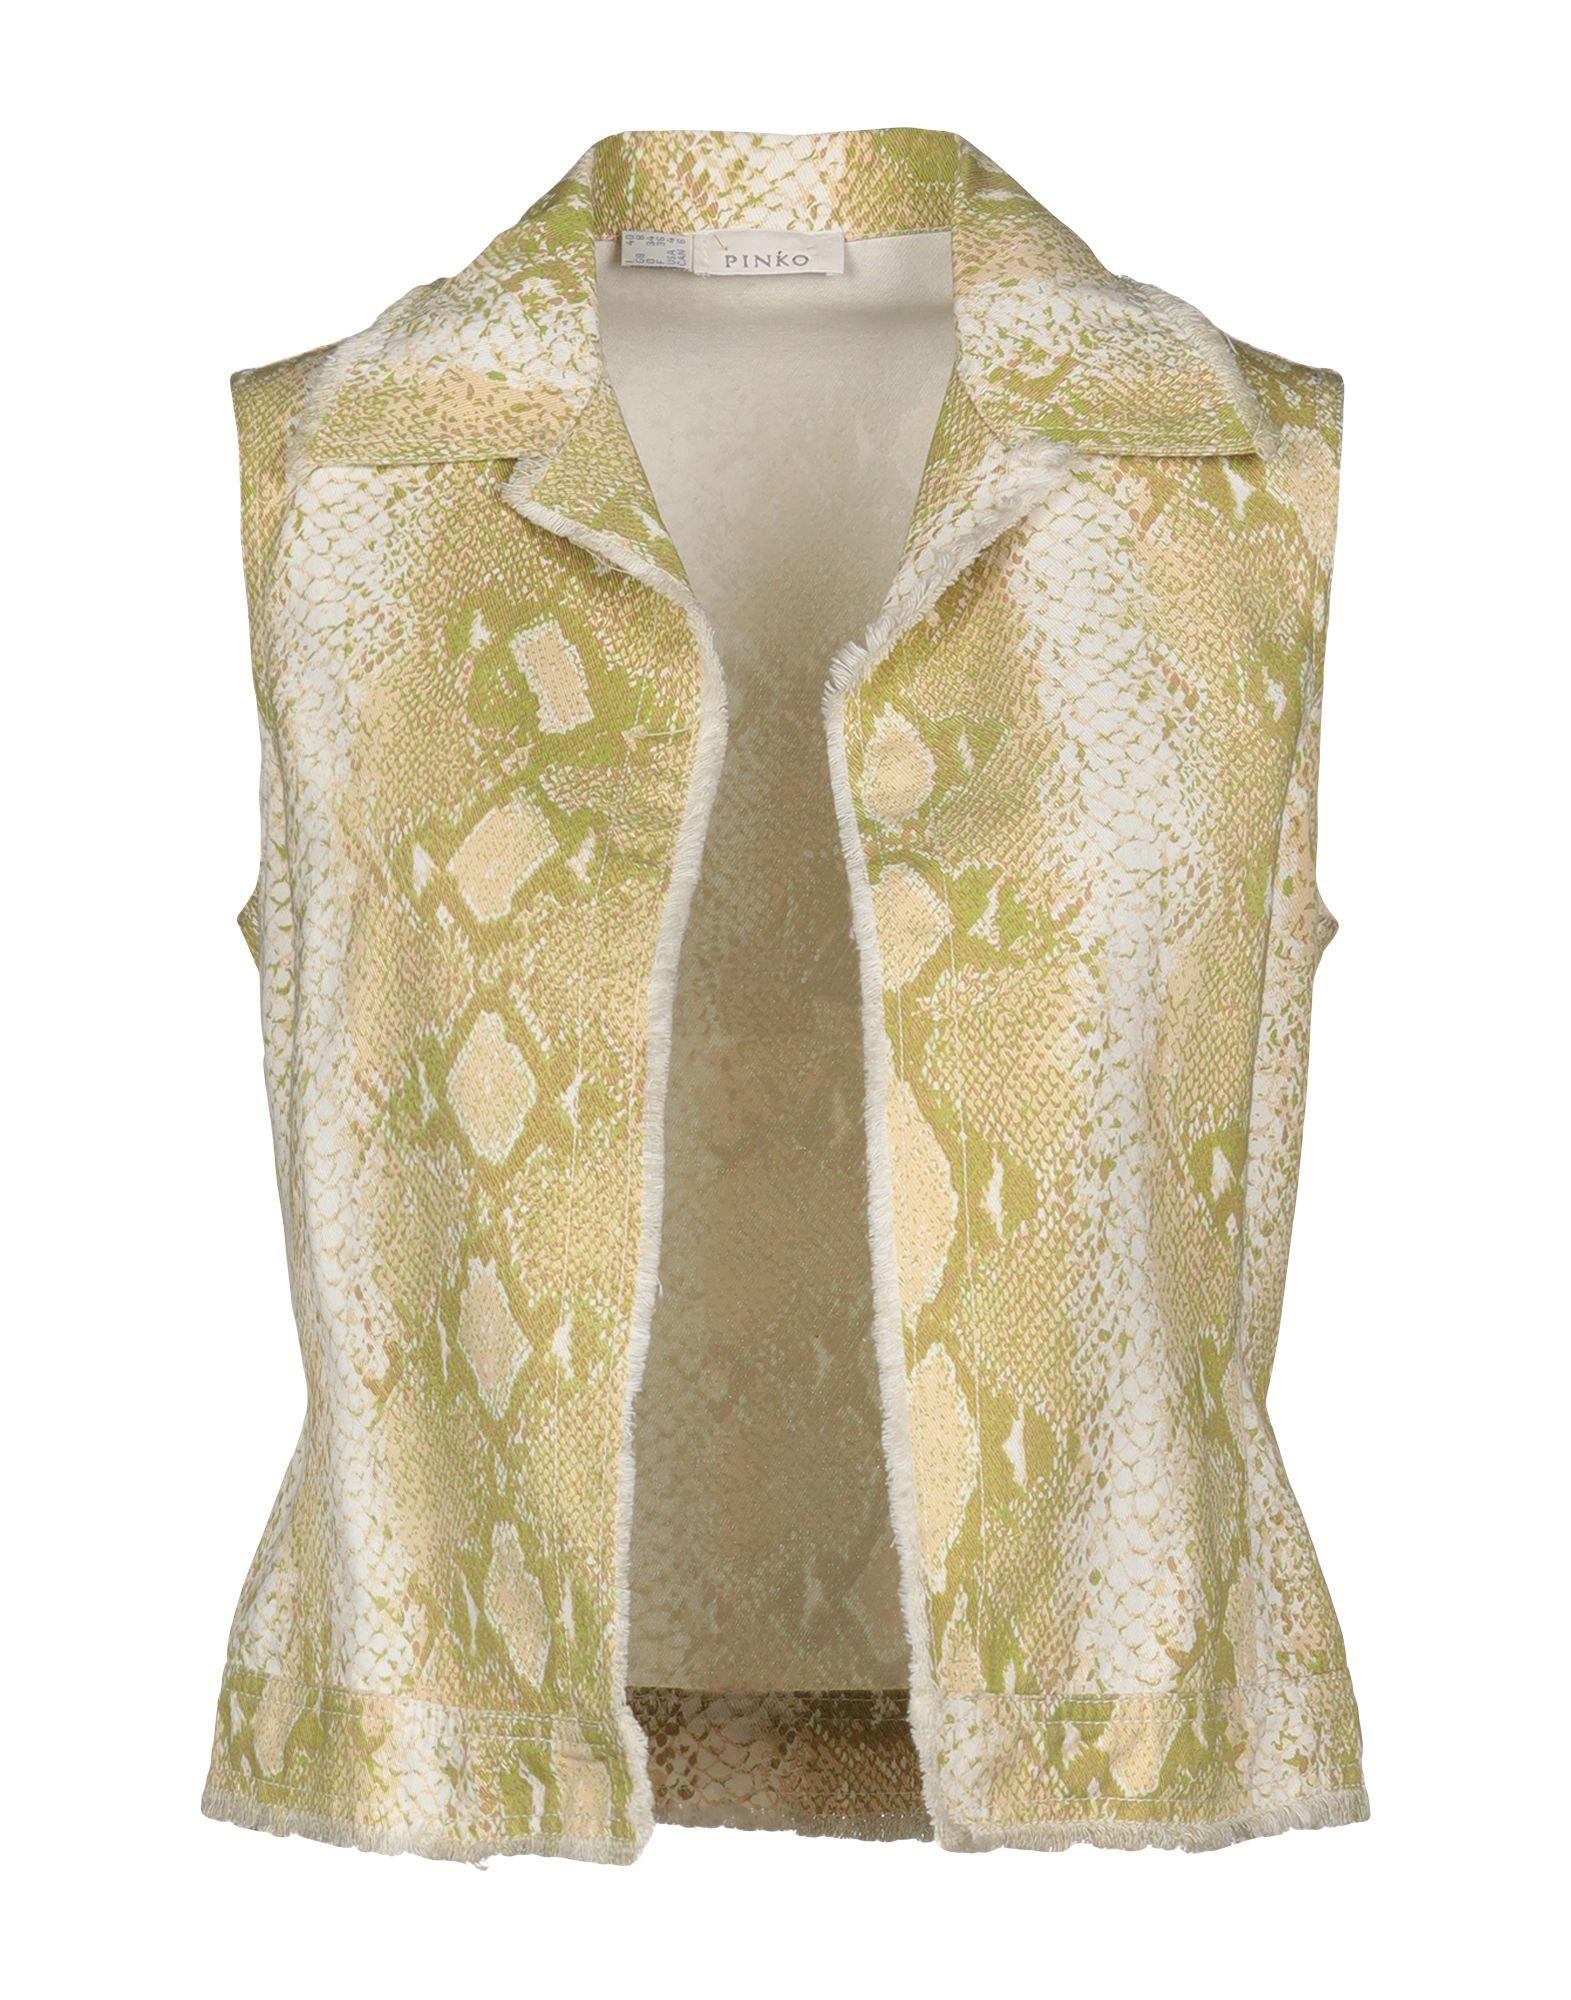 PINKO Джинсовая верхняя одежда брендовая одежда